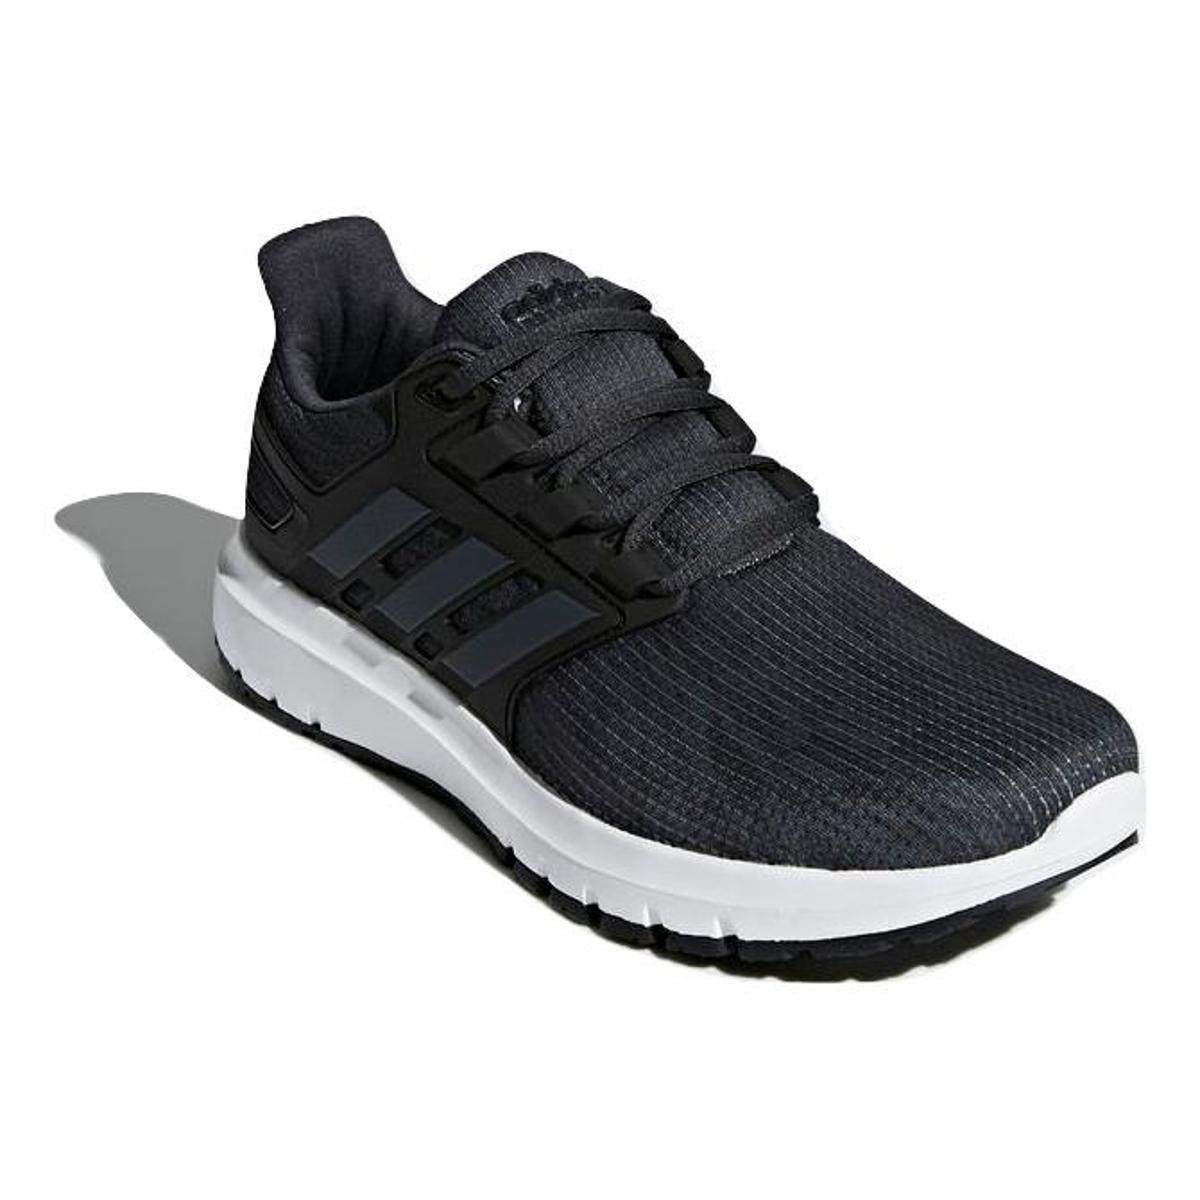 3f9e4ccd4 Tênis Adidas Energy Cloud 2 Masculino - Preto - Compre Agora   Allianz  Parque Shop